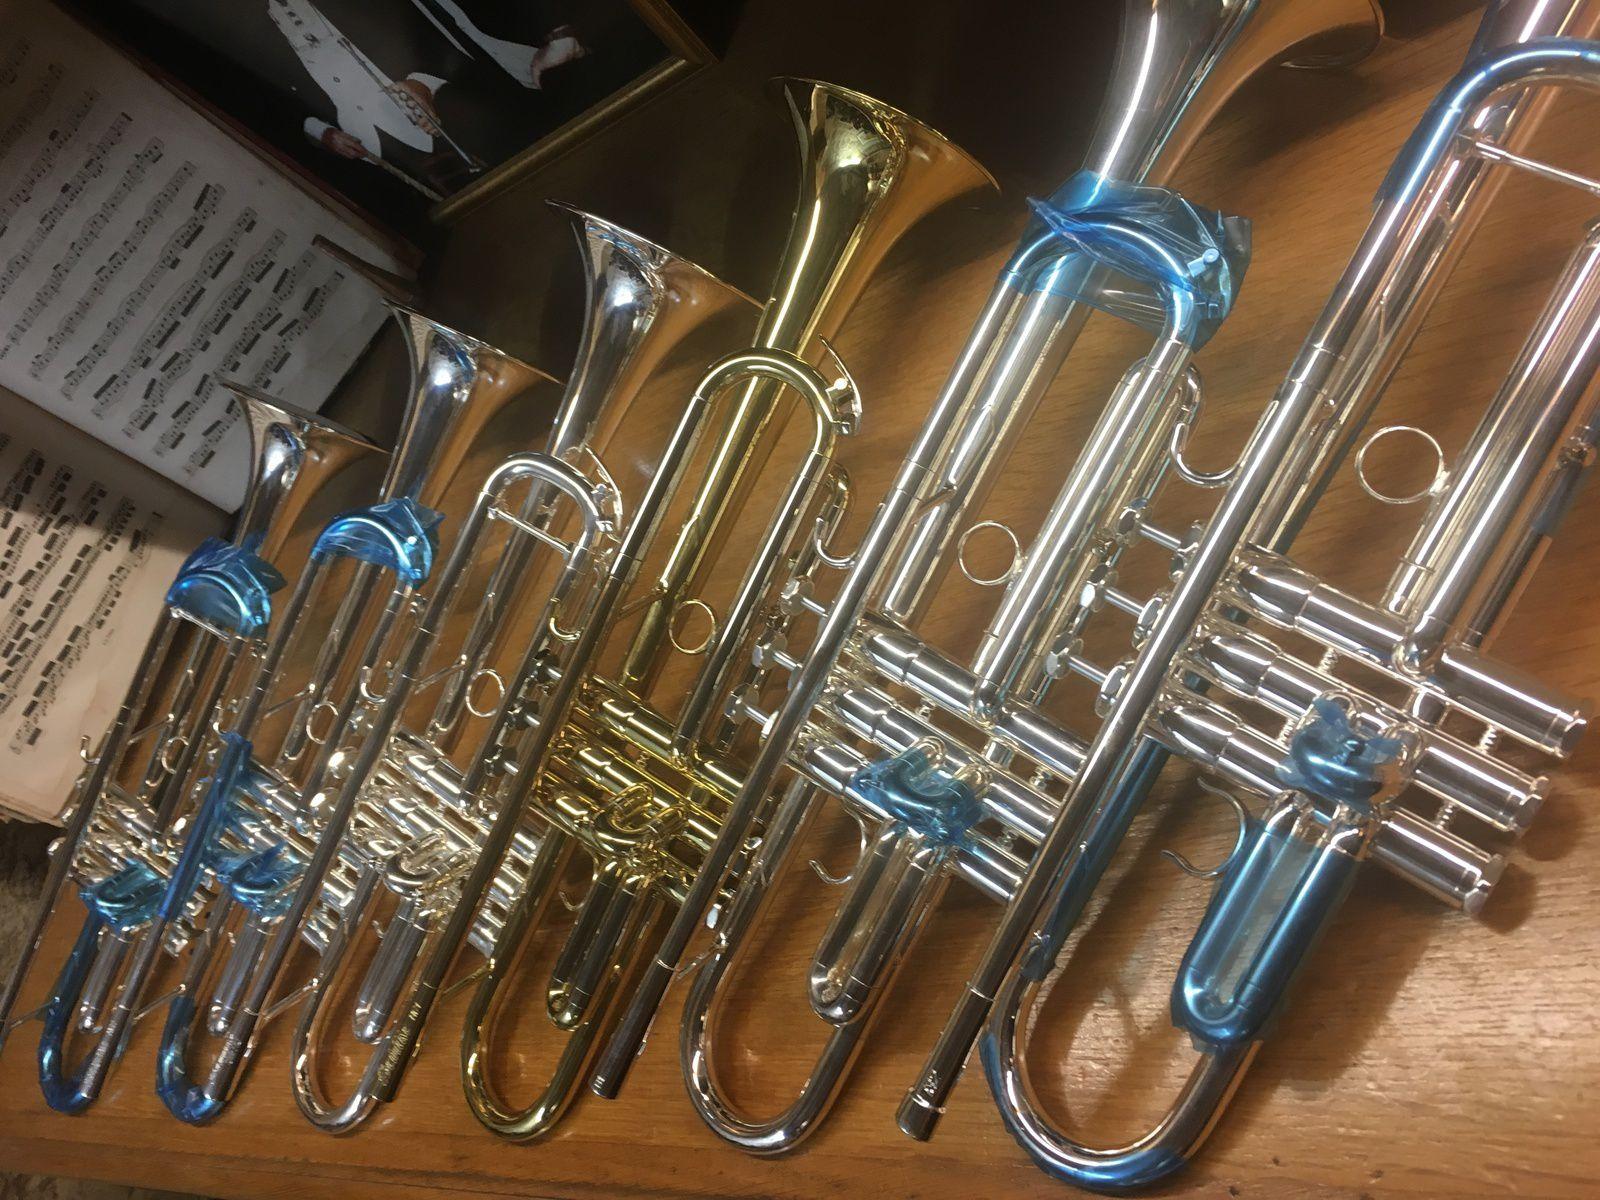 Fluides, épurées, incroyablement faciles et expressives : trompettes Schilke